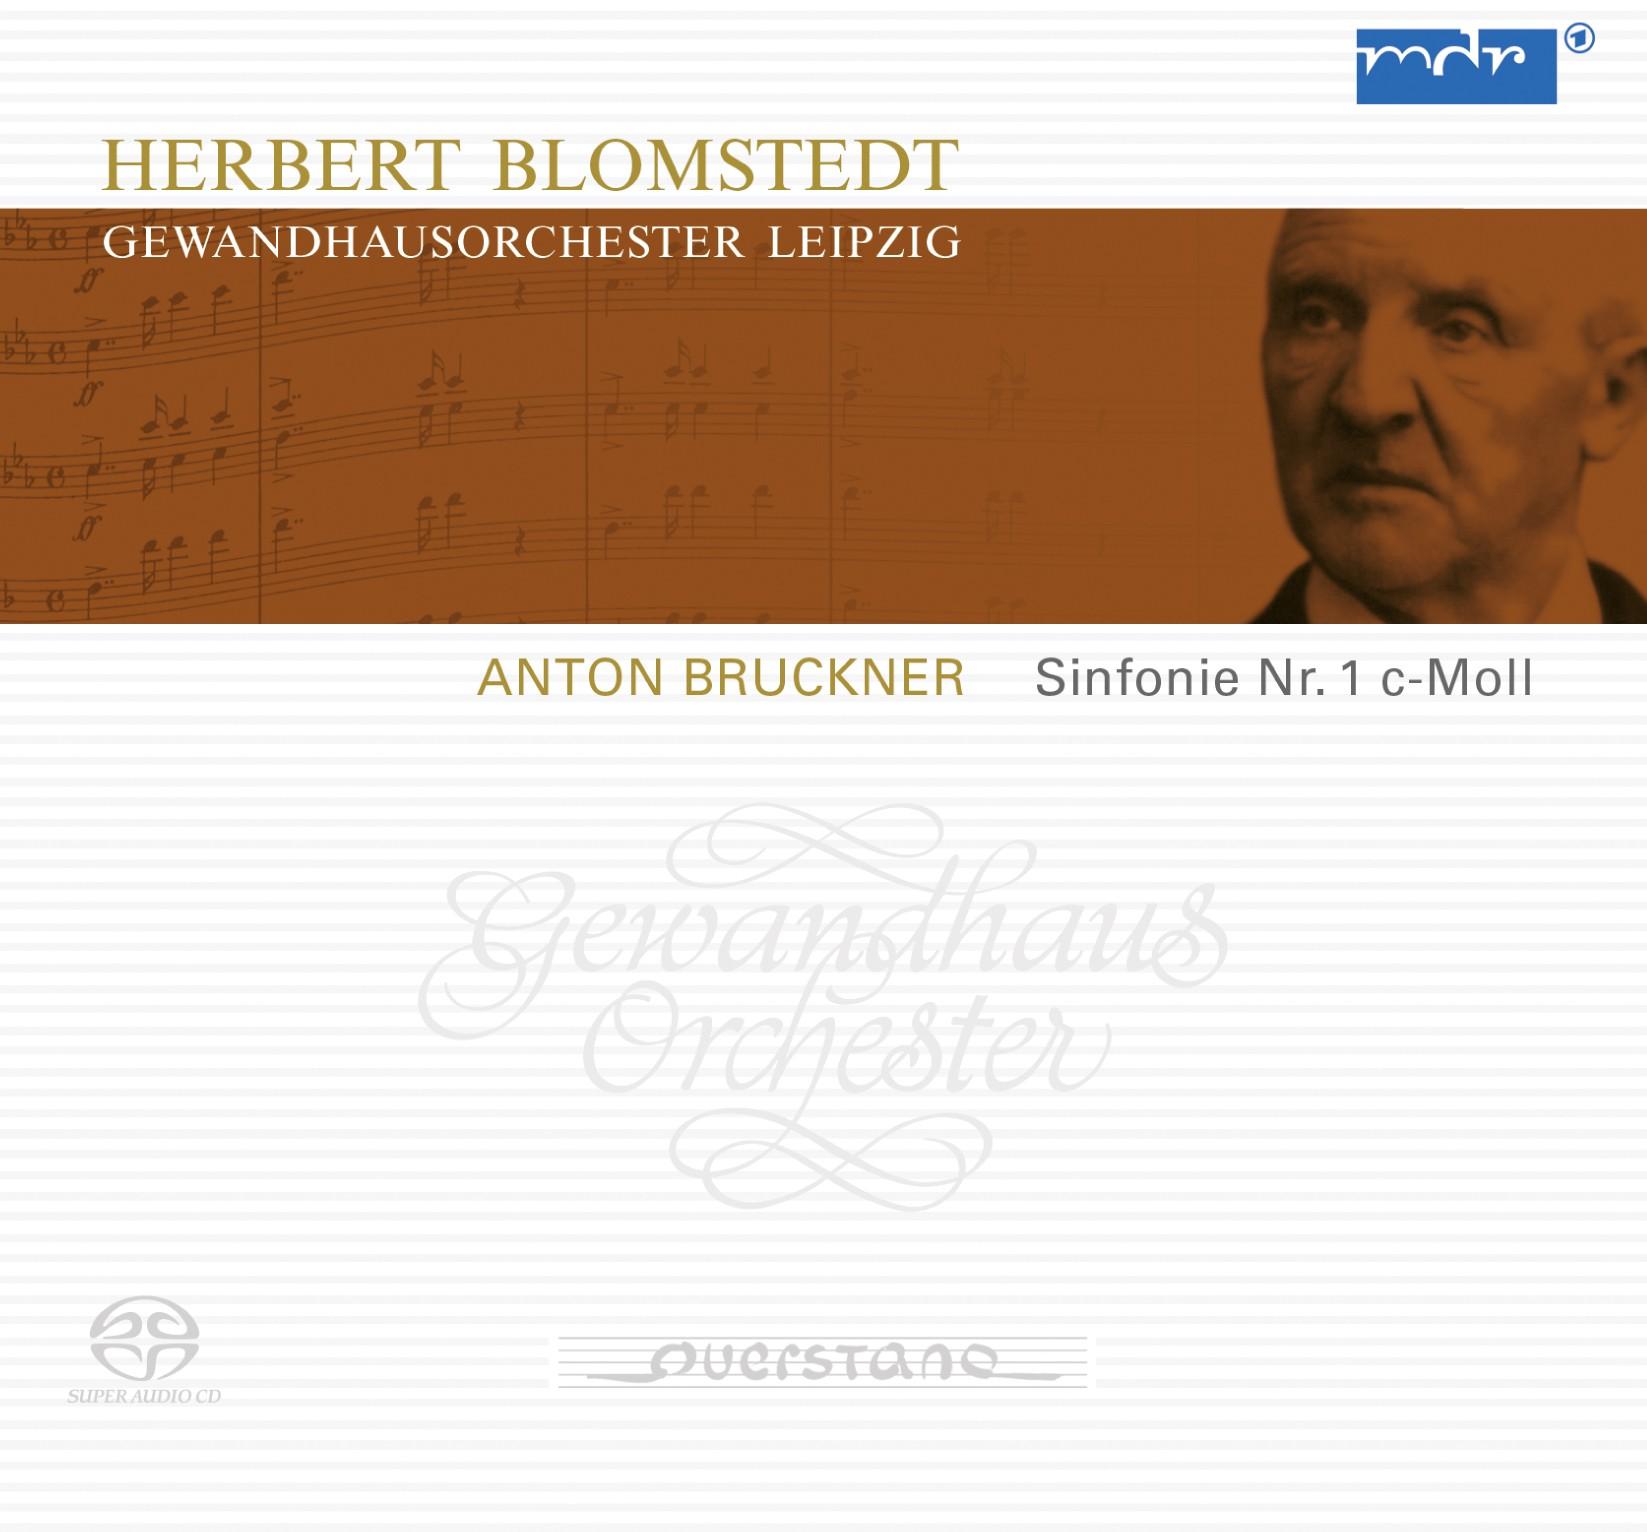 Sinfonie 1 c-moll Linzer Fassung 1866